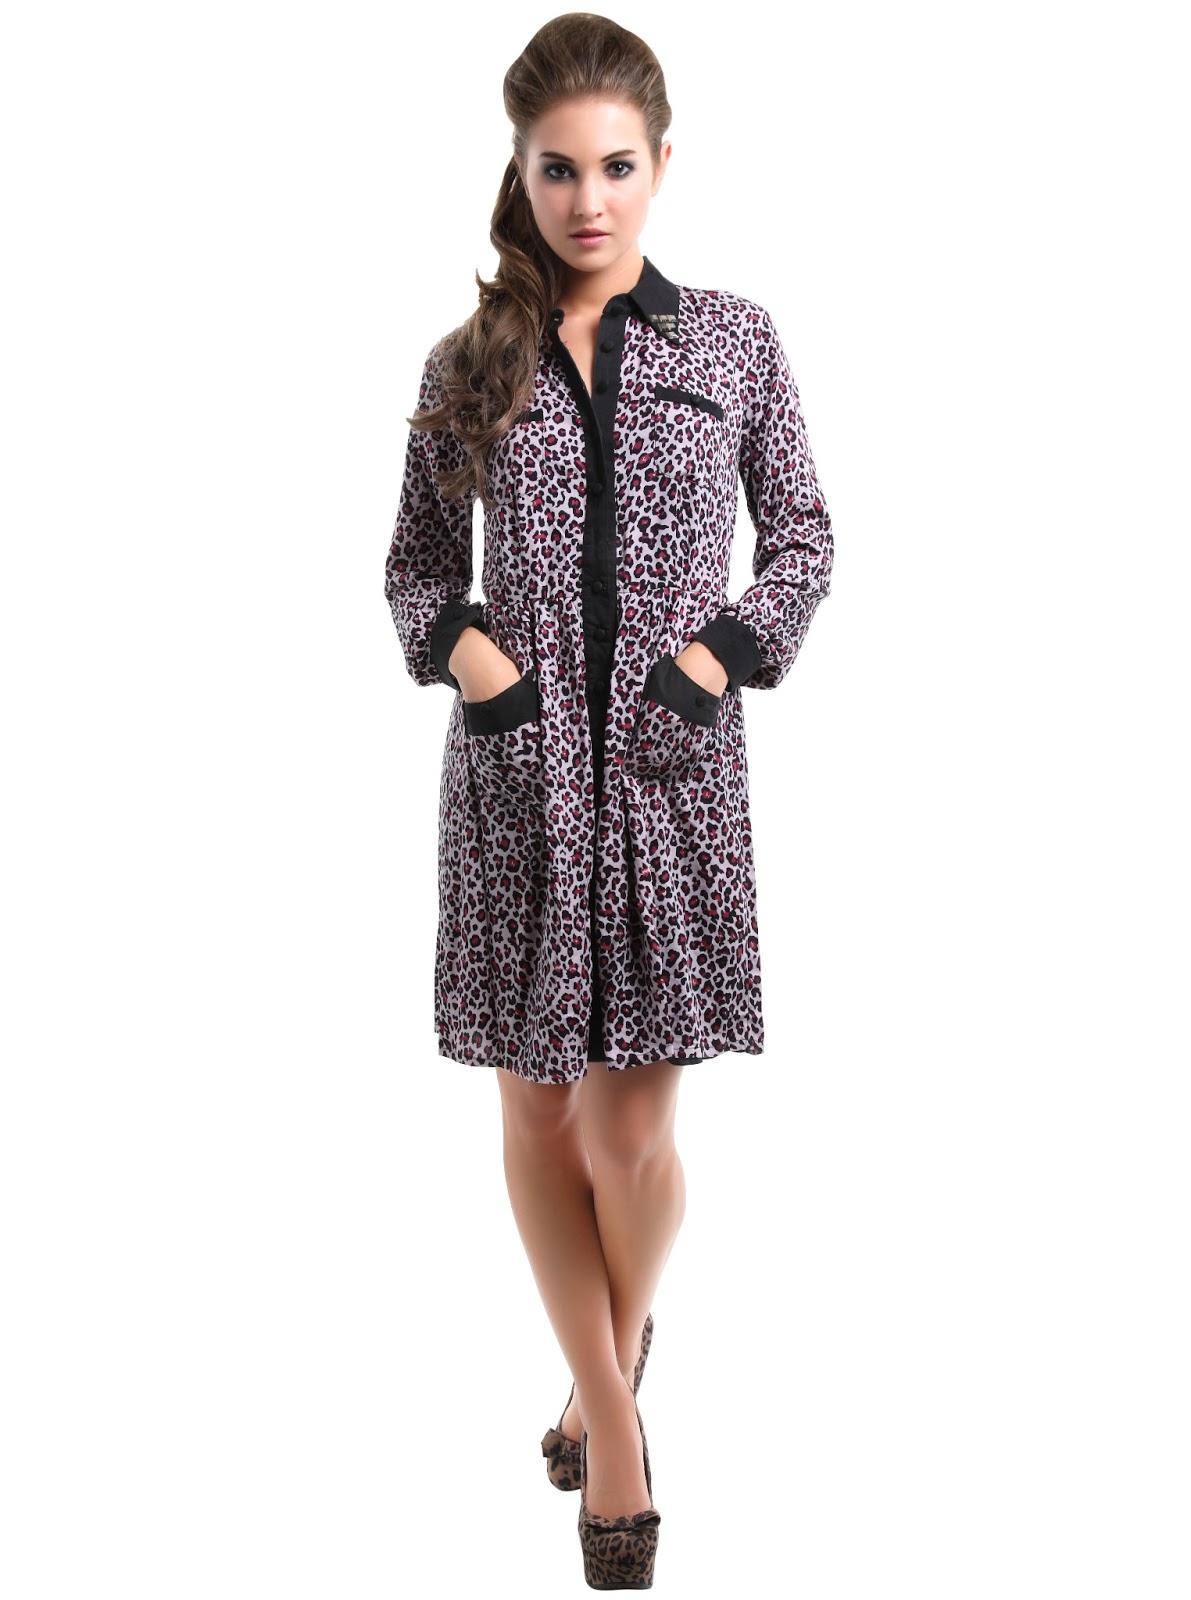 Scopri la nuova collezione di abbigliamento e accessori donna Terranova: sfoglia il catalogo e acquista abiti, jeans, vestiti, top, leggings per essere sempre bella e alla moda.